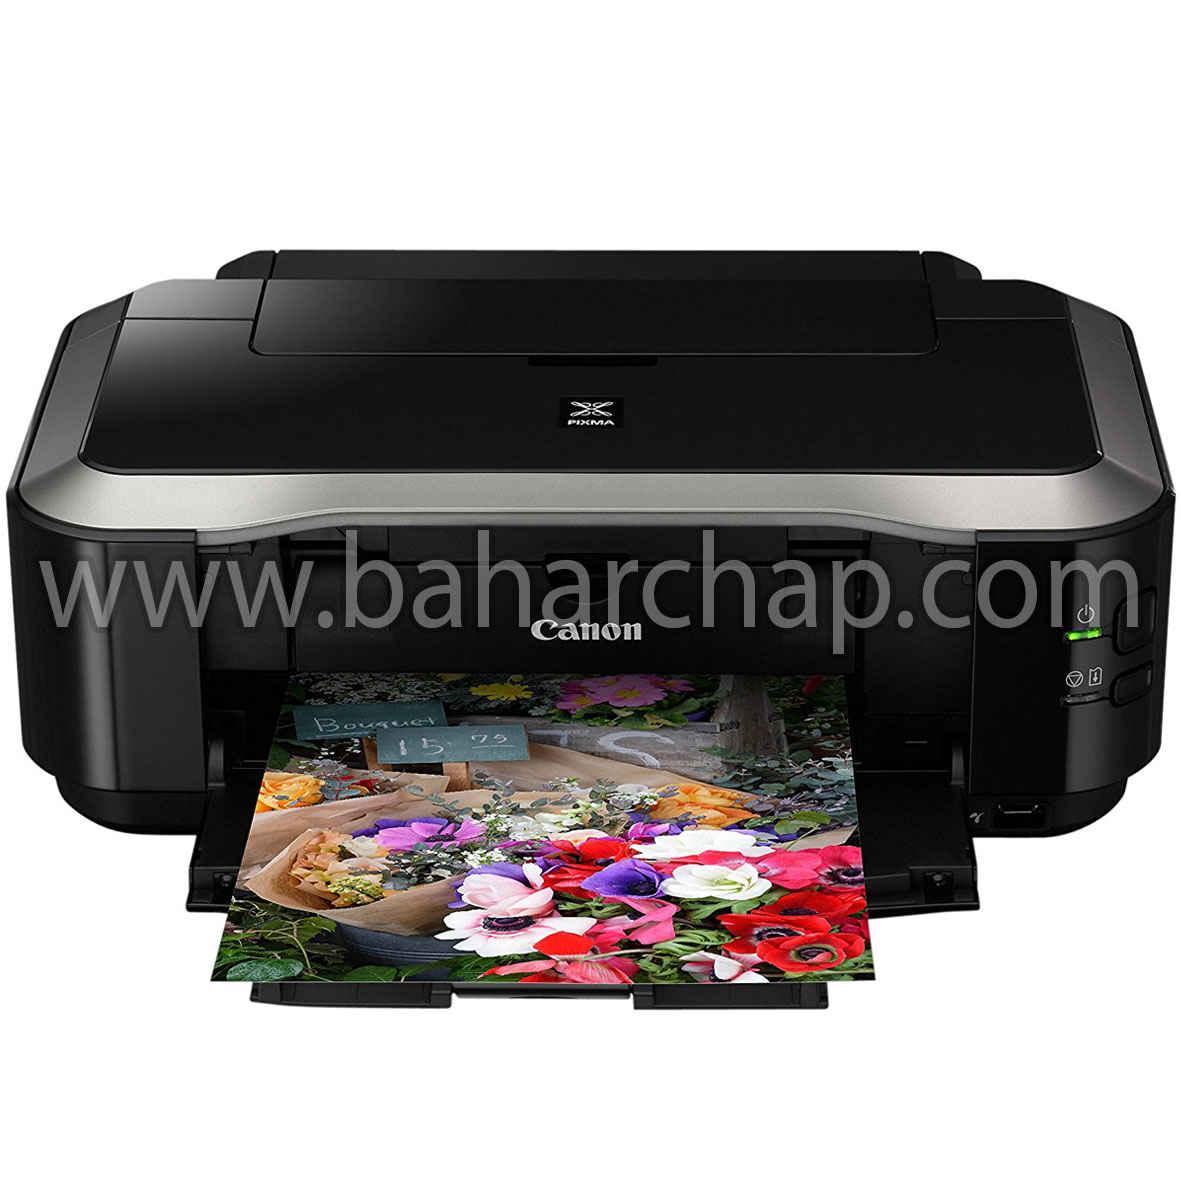 فروشگاه و خدمات اینترنتی بهارچاپ اصفهان-دانلود نرم افزار ریست پرینتر Canon IP4700-Reset canon by ST4905